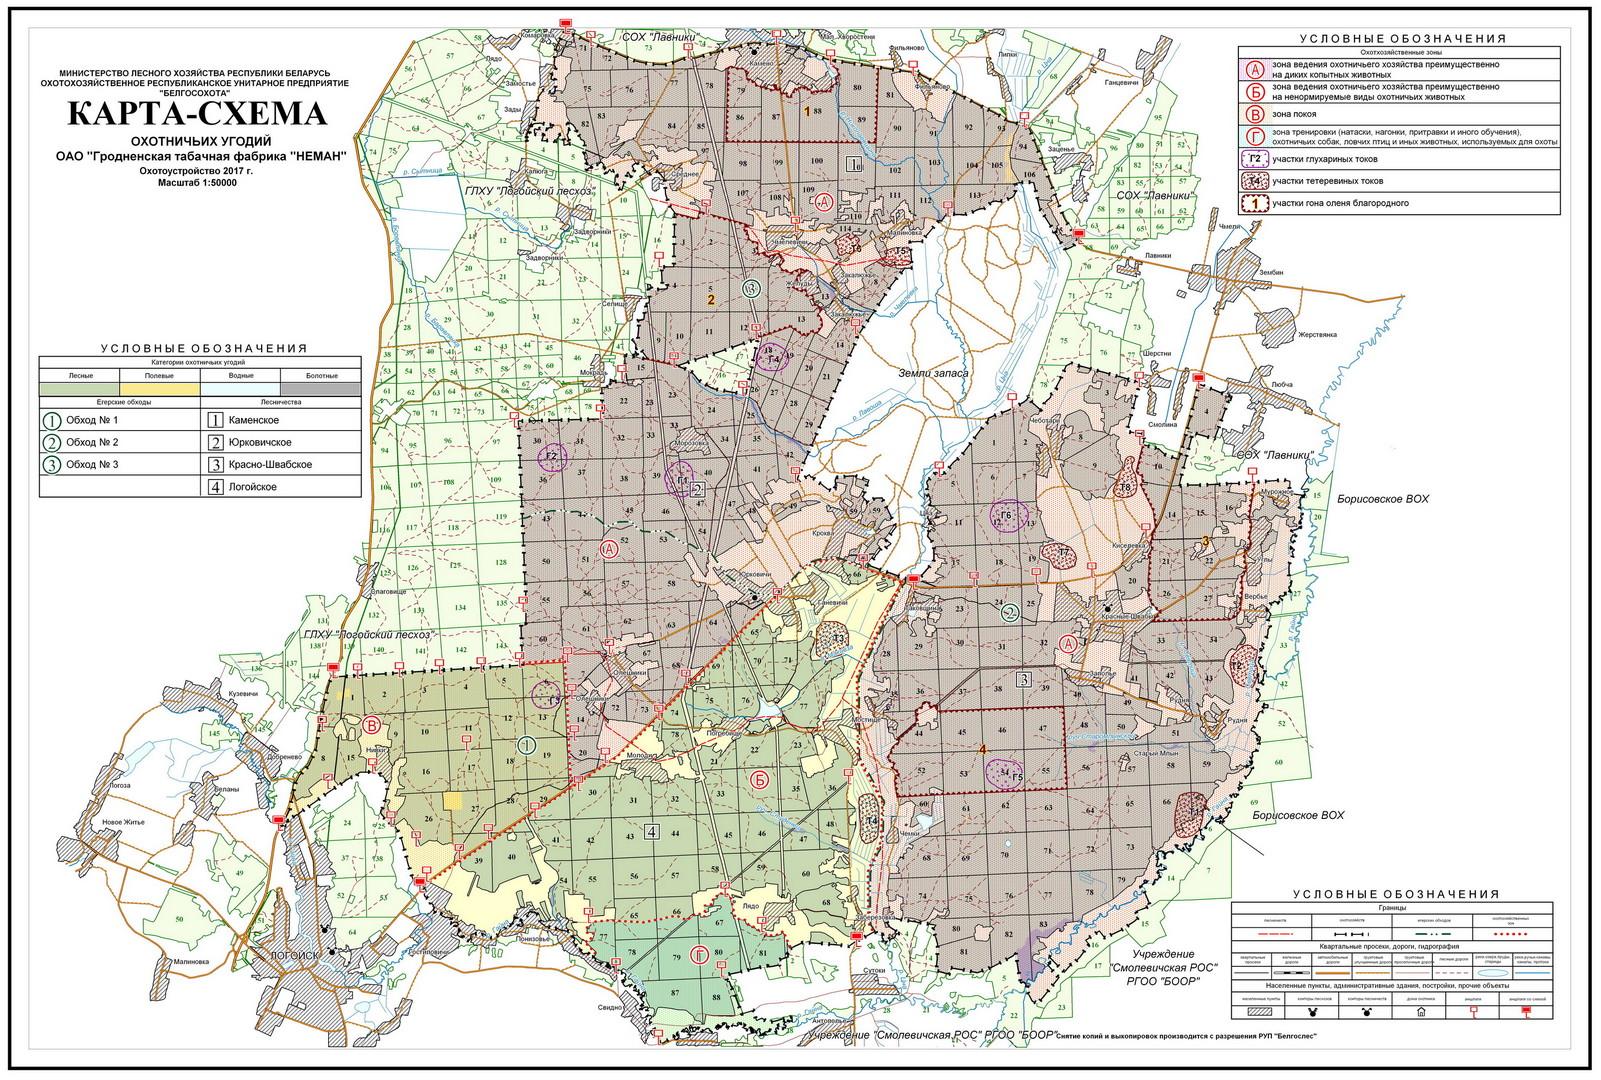 Карта охотничьих угодий